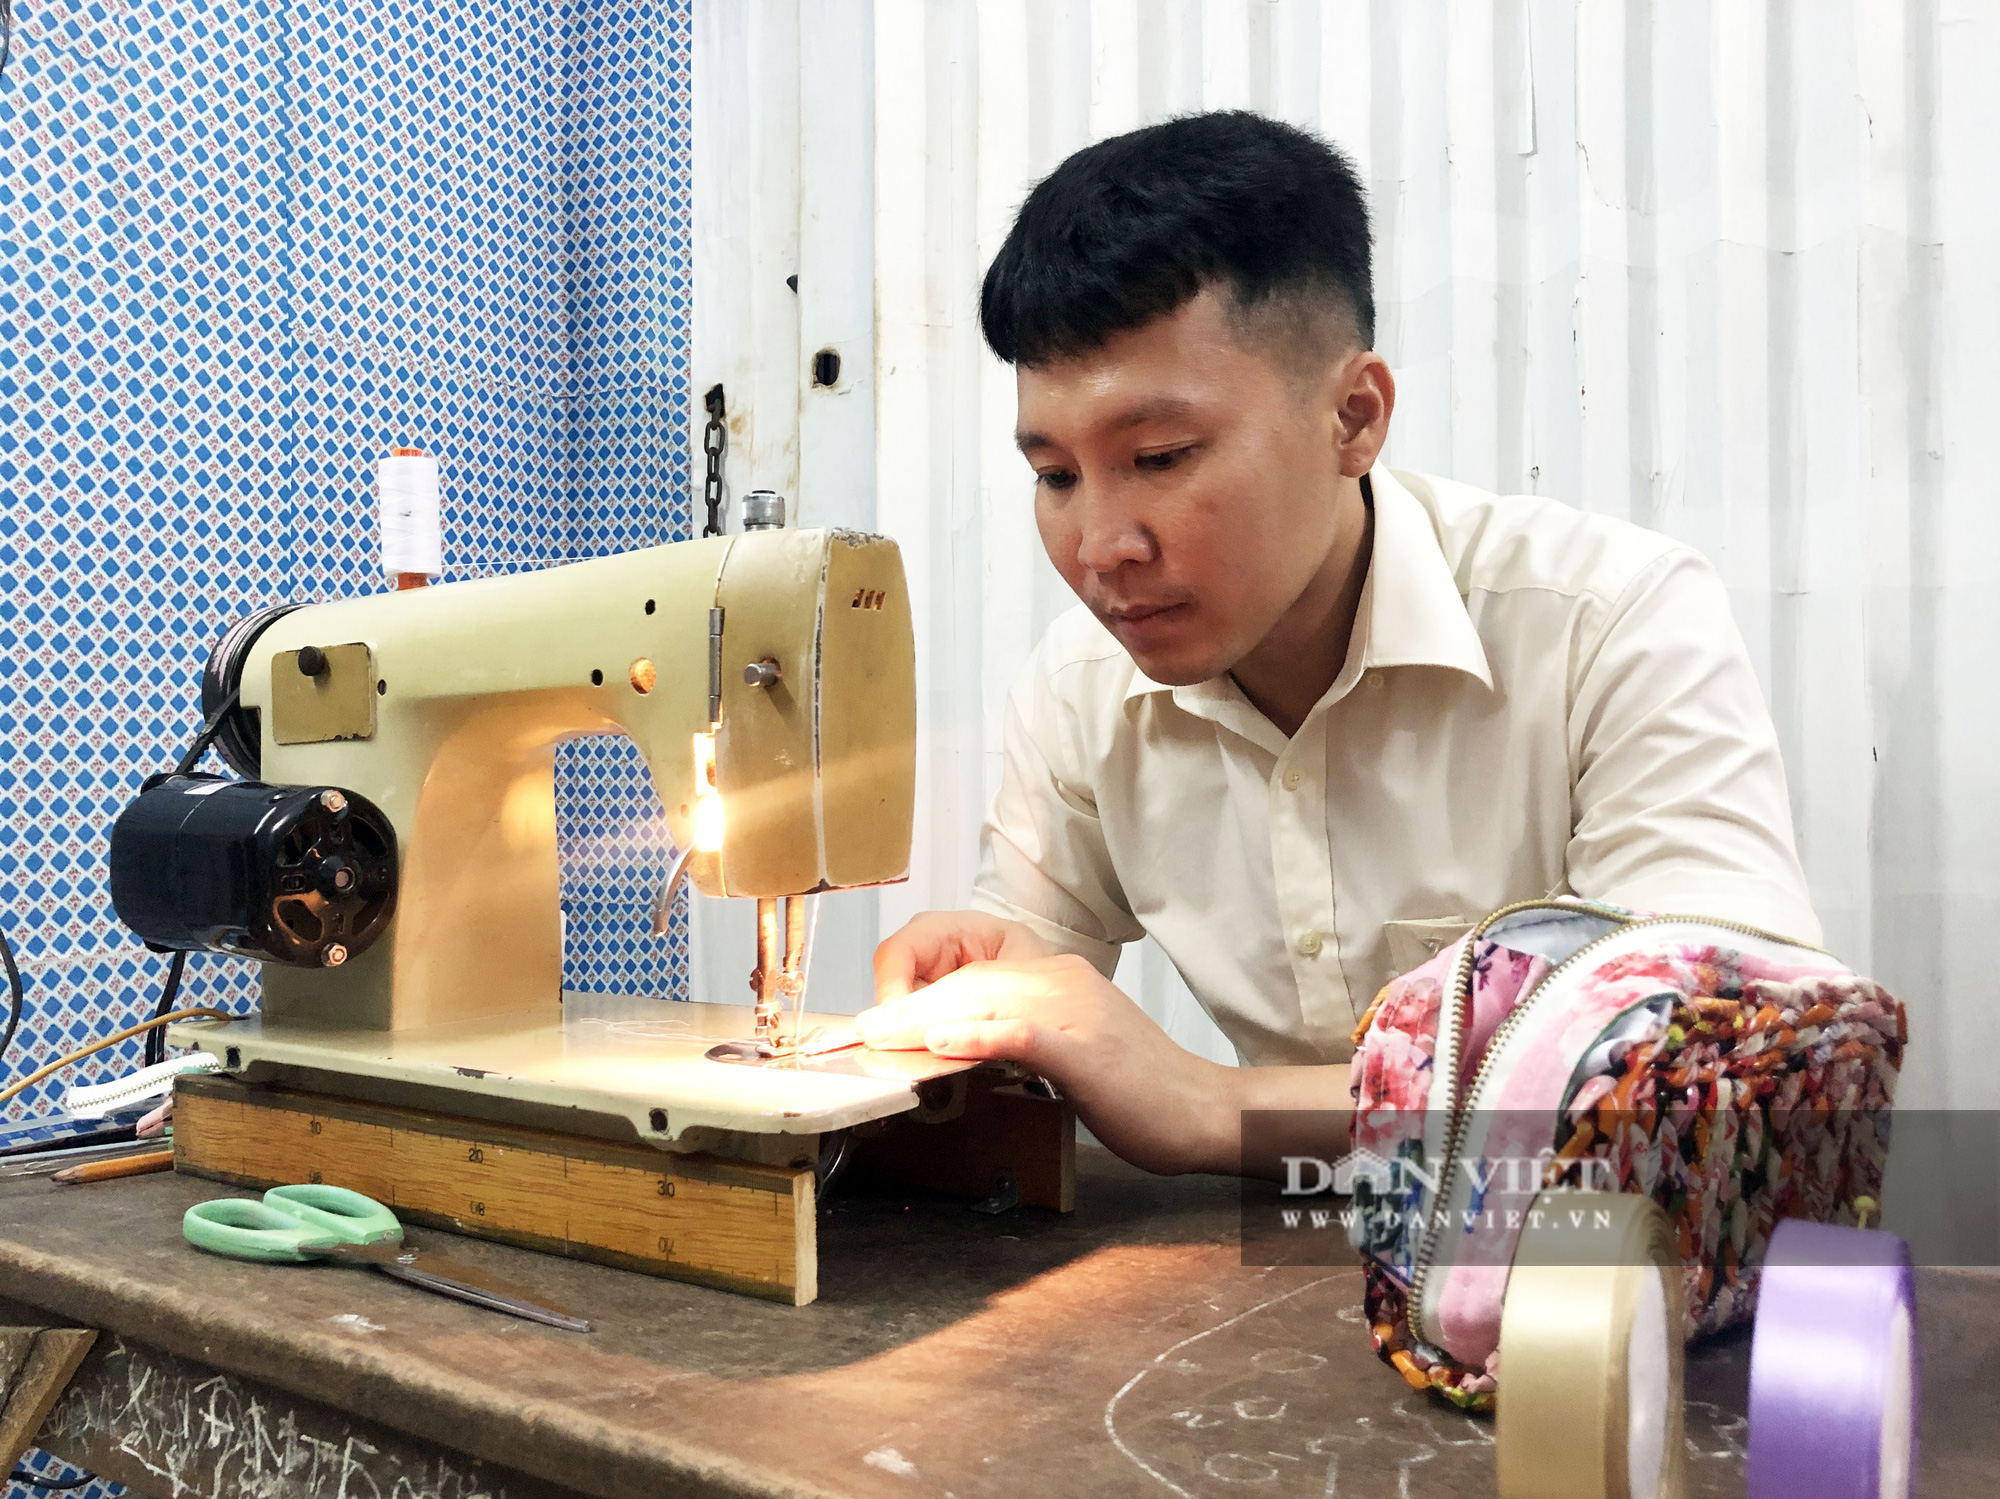 Ngỡ ngàng bộ sưu tập túi xách từ vỏ mì gói của thầy giáo mỹ thuật - Ảnh 8.